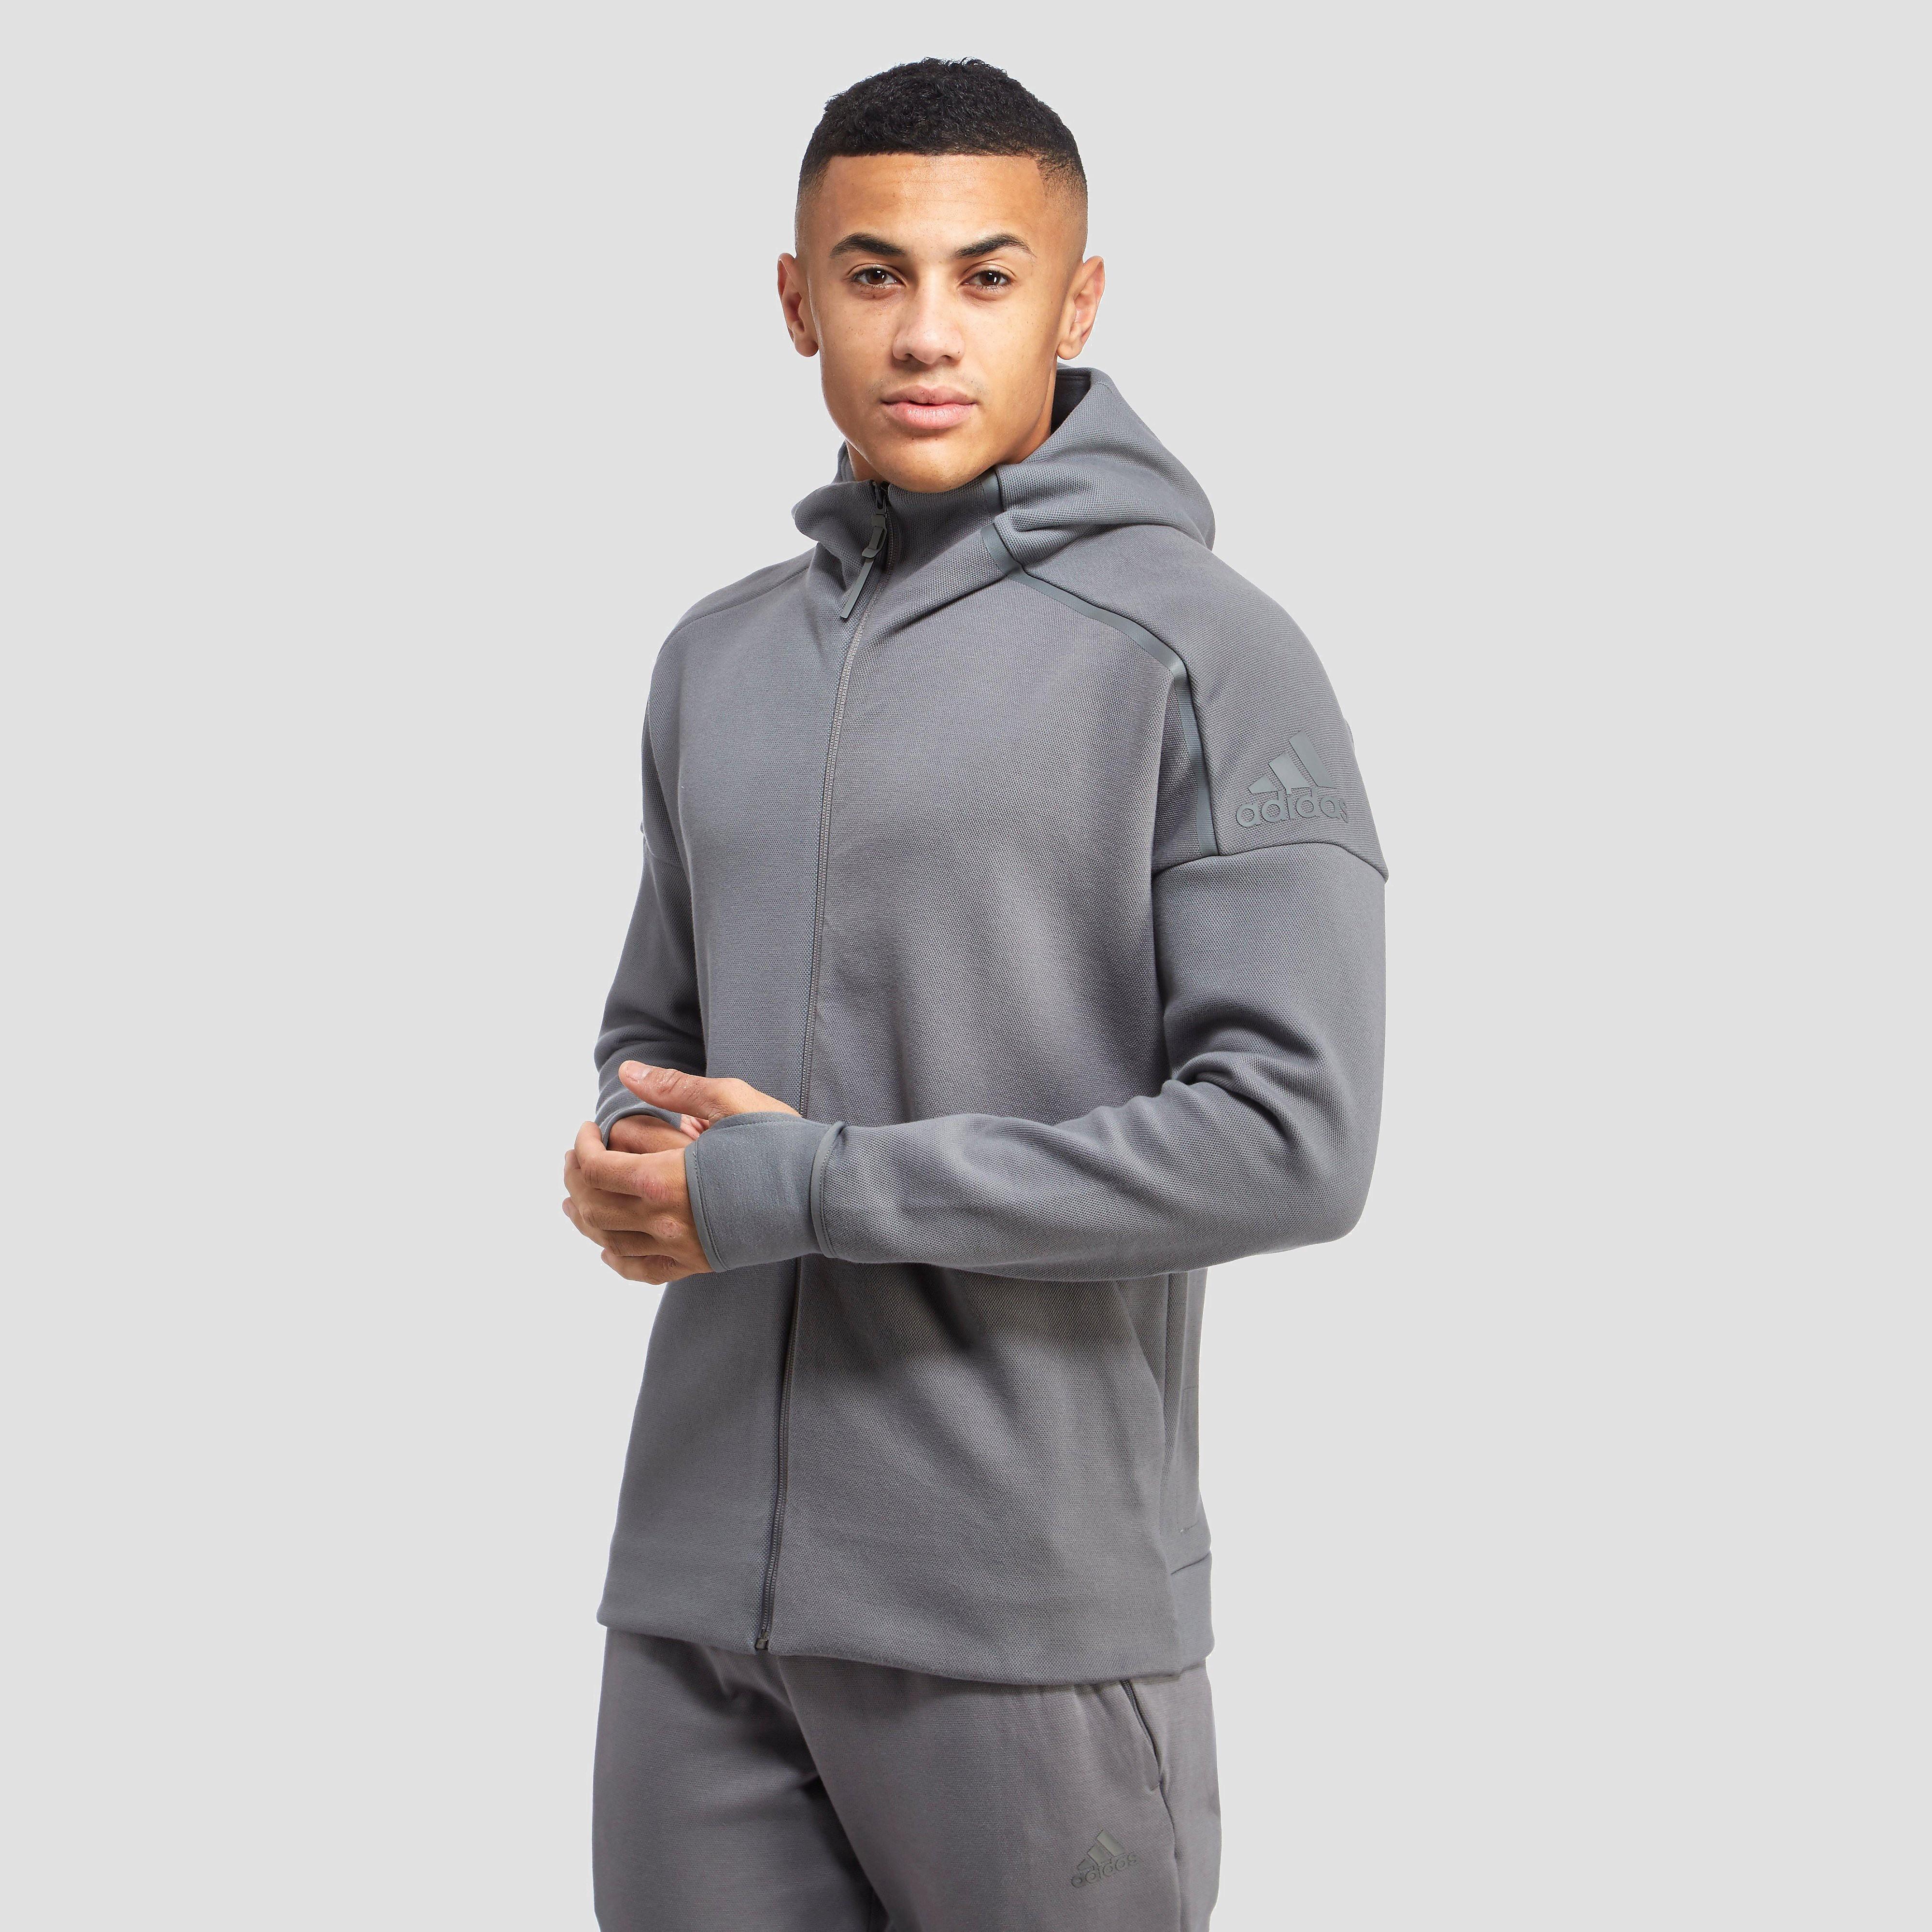 adidas Z.N.E Full Zip Men's Hoodie